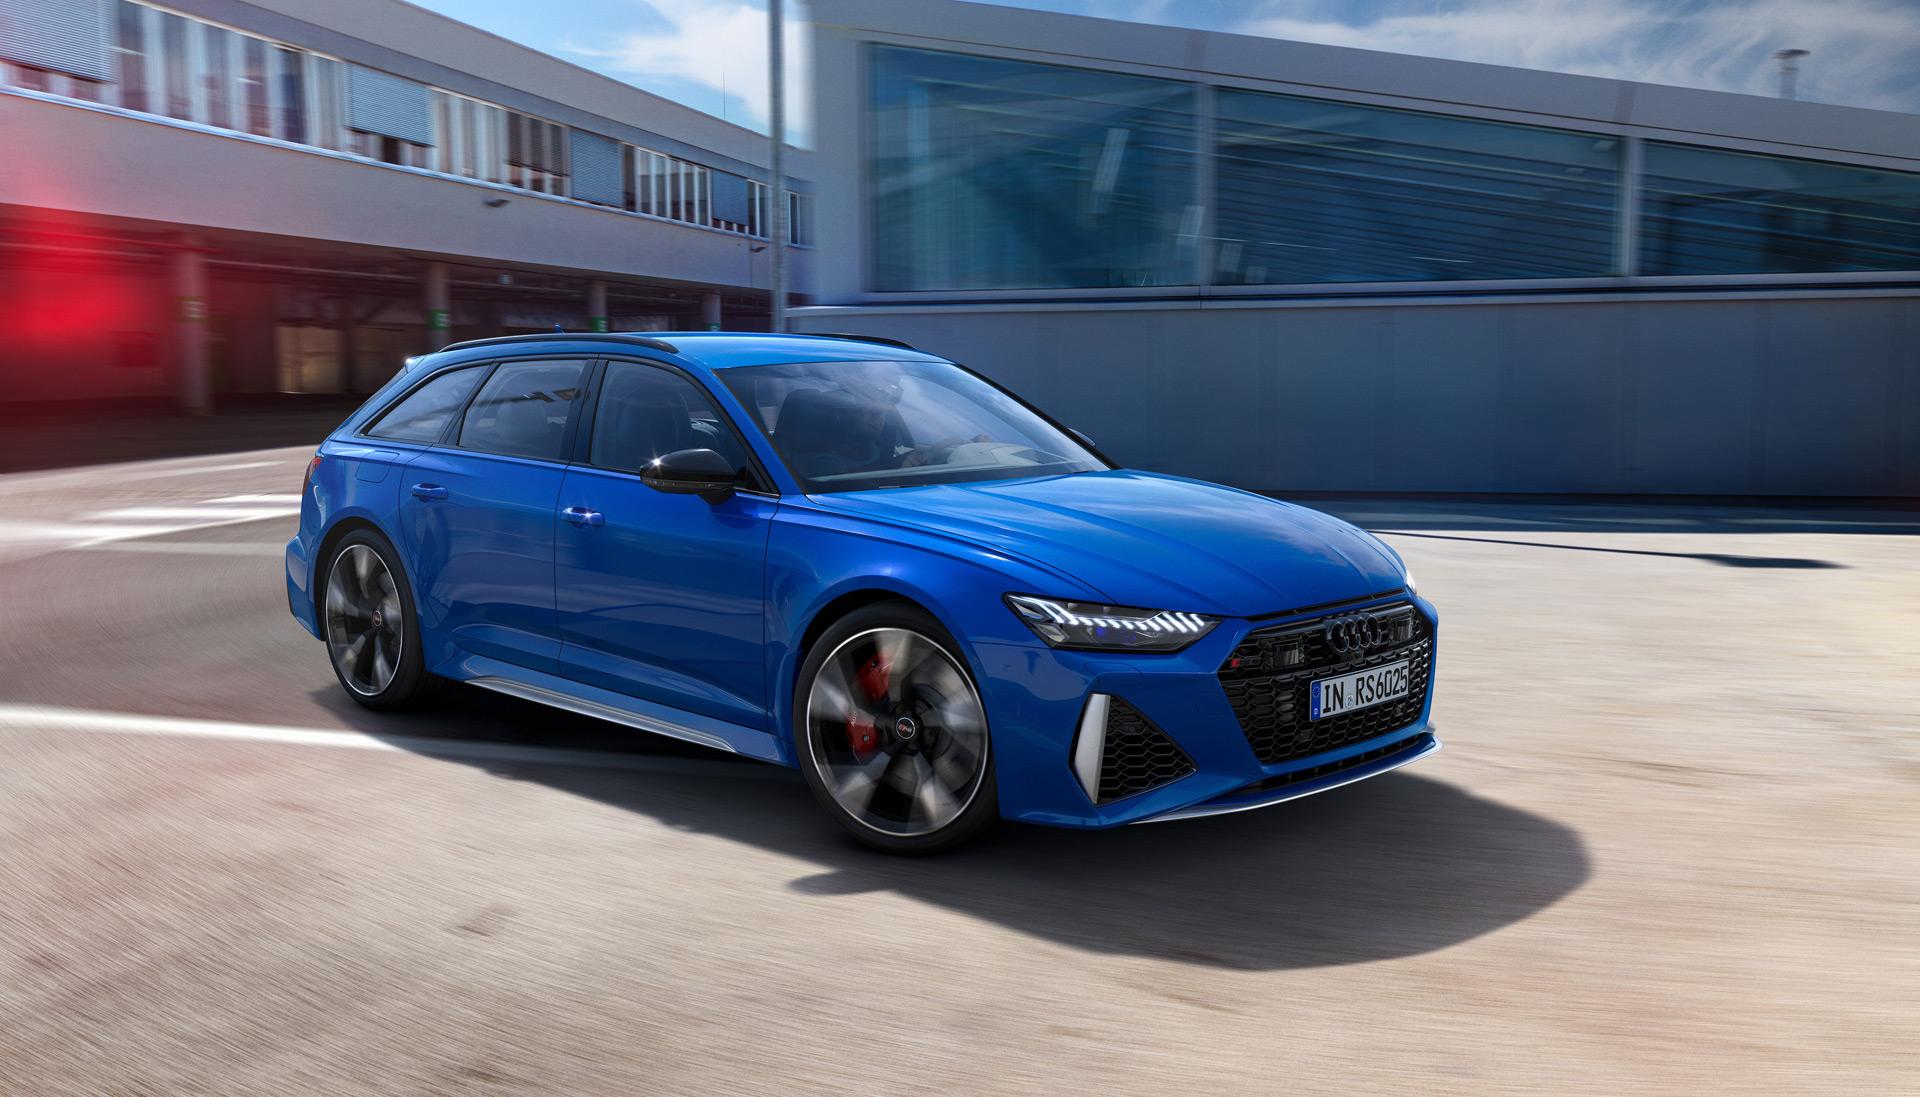 Kelebihan Audi Rs Avant Spesifikasi